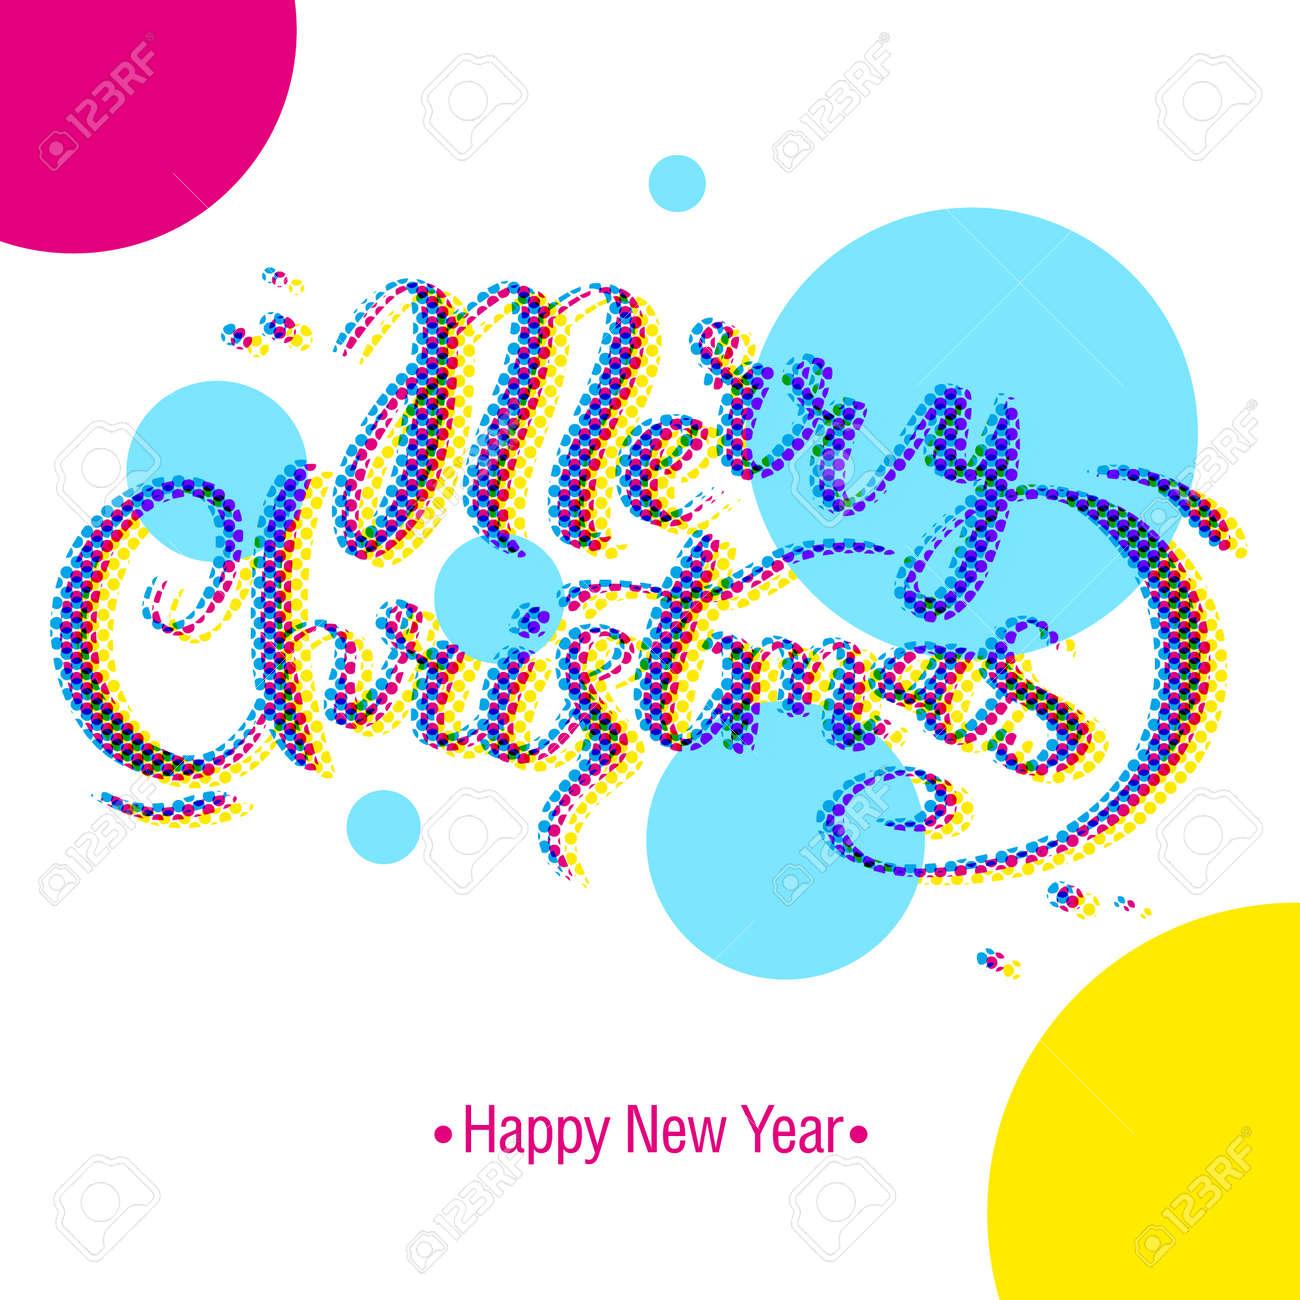 Feliz Navidad Y Feliz Año Nuevo Coloreado De Las Letras Caligráficas